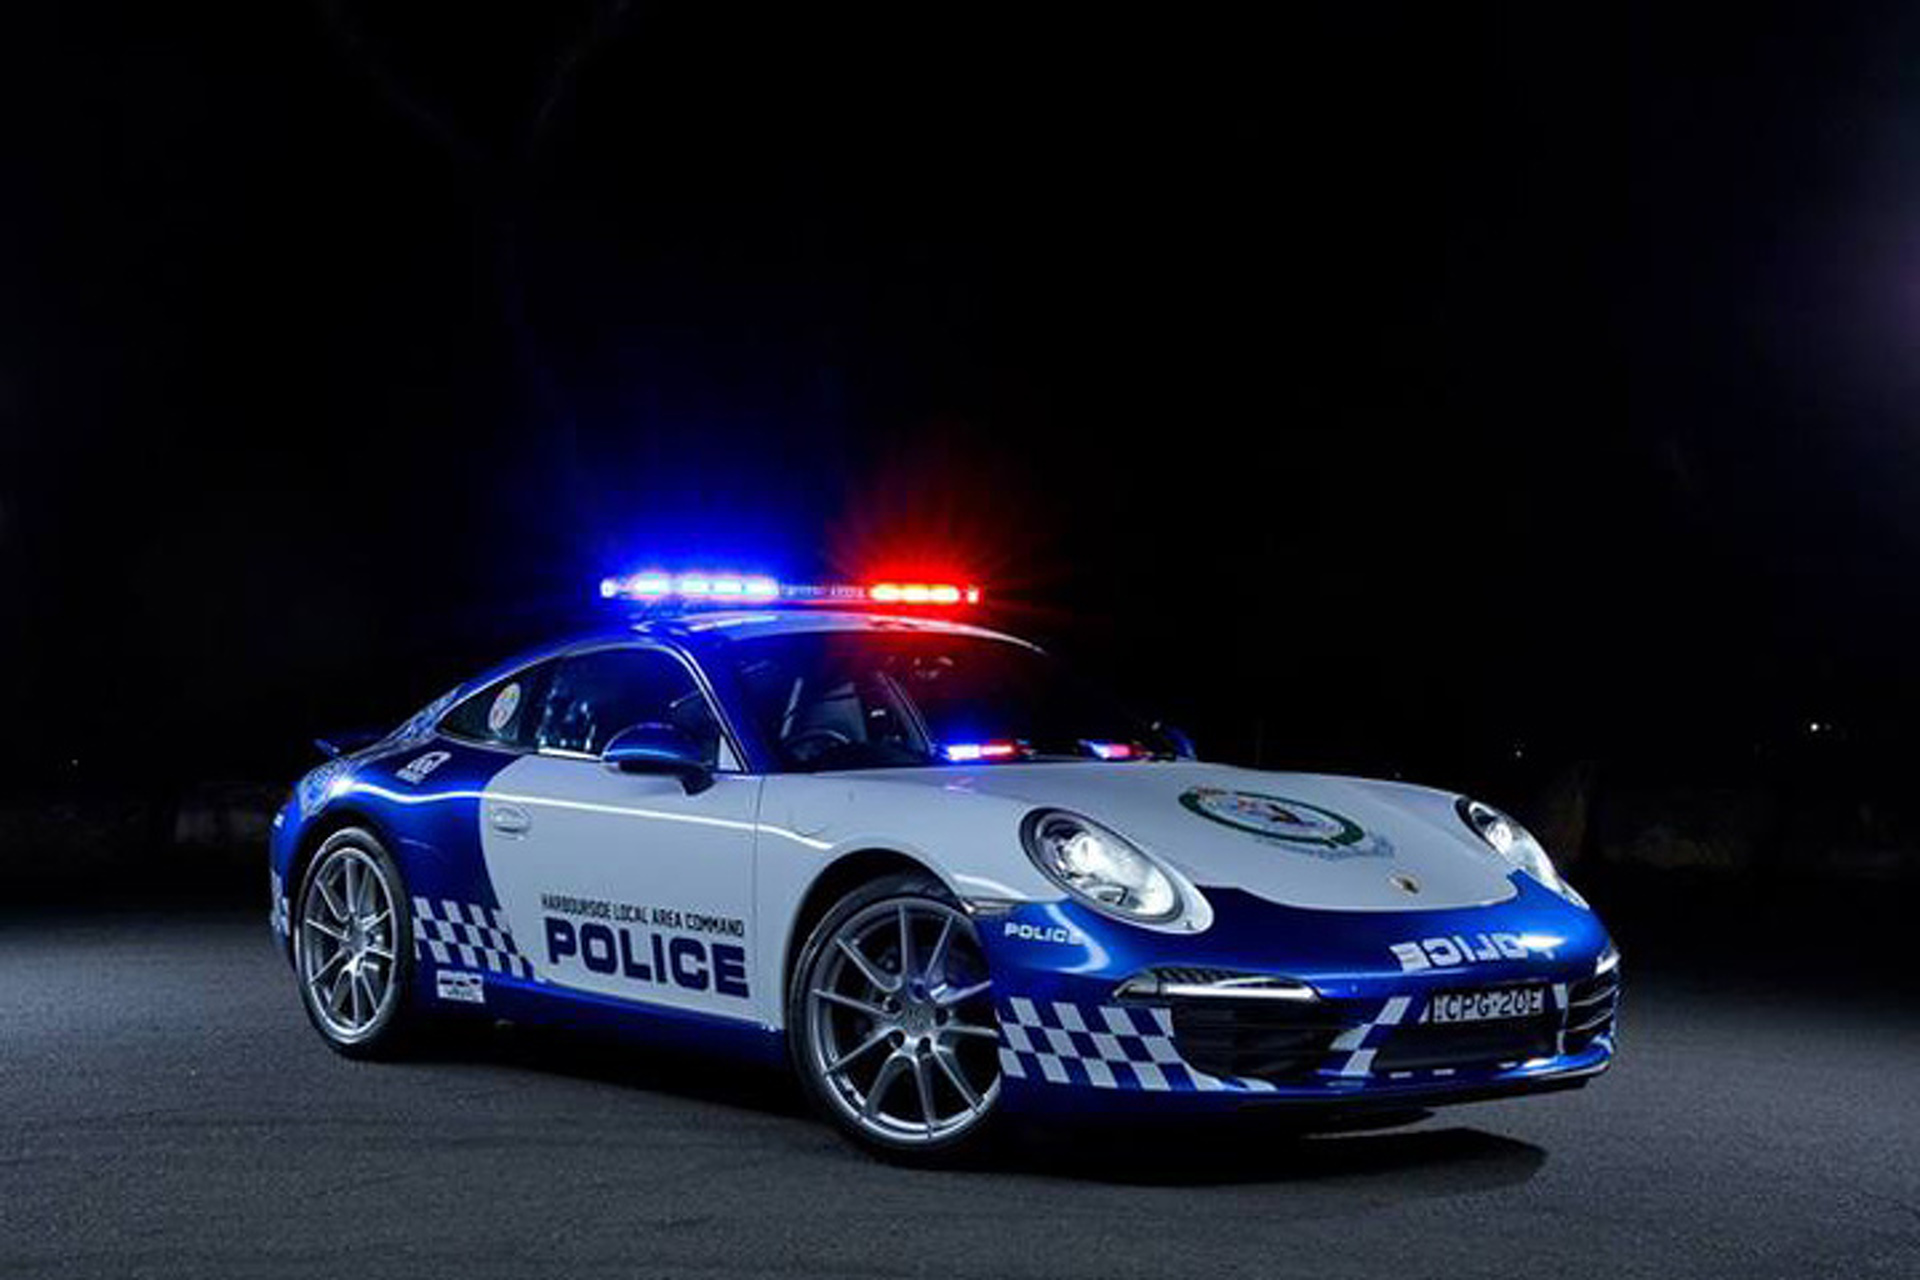 Australian Police Got a New Porsche 911